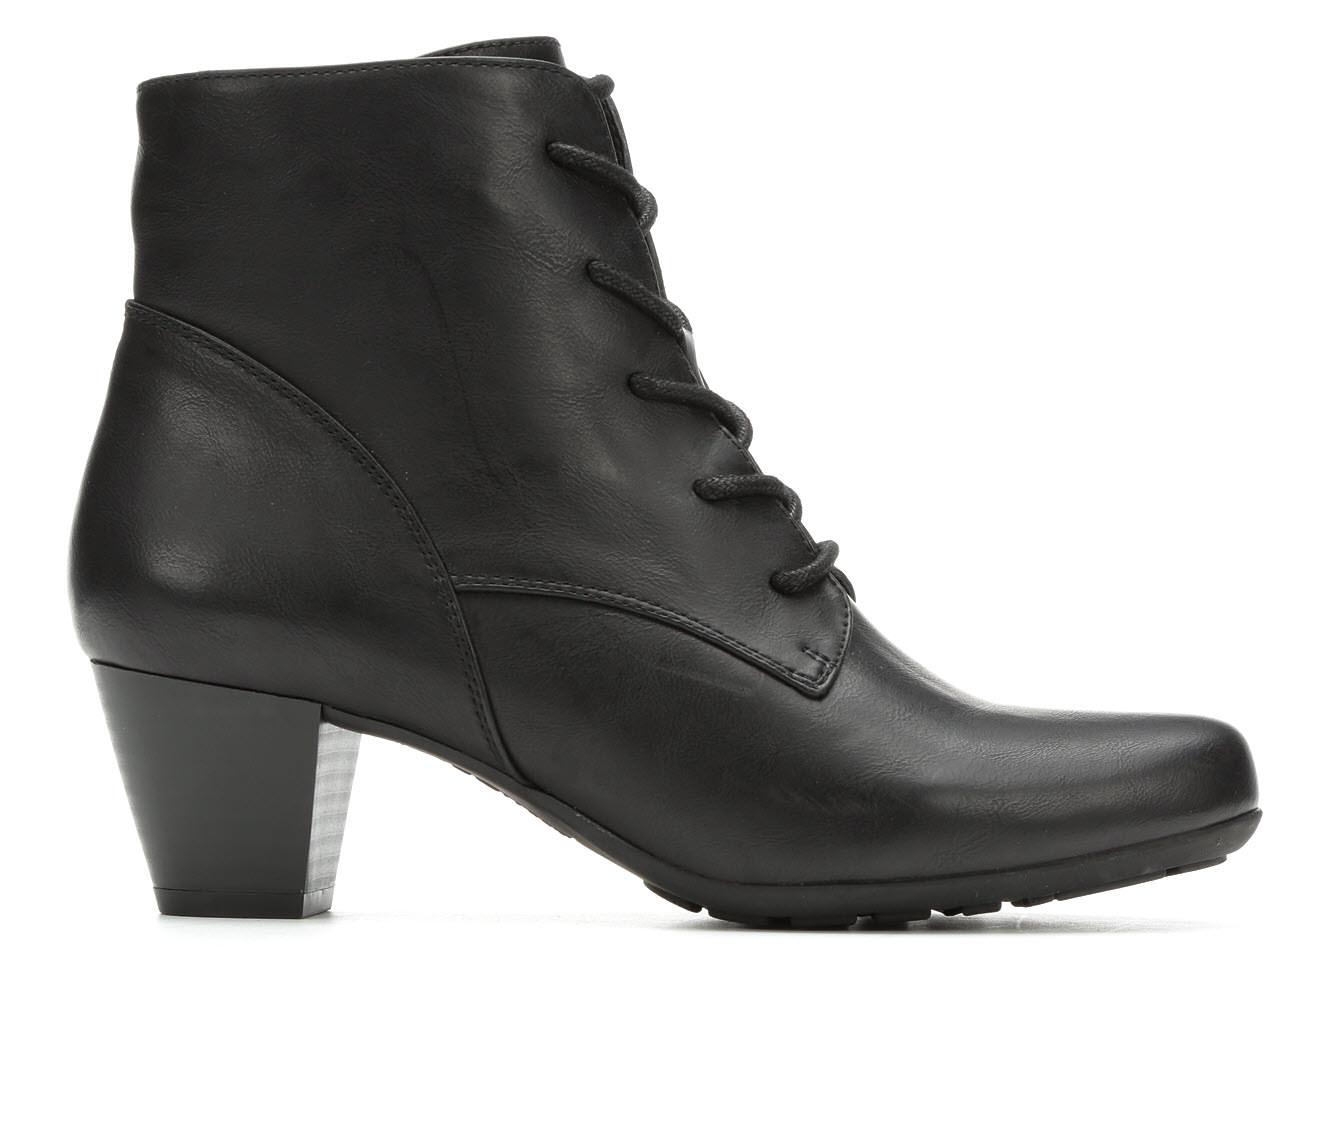 Cliffs Livia Women's Boot (Black Faux Leather)